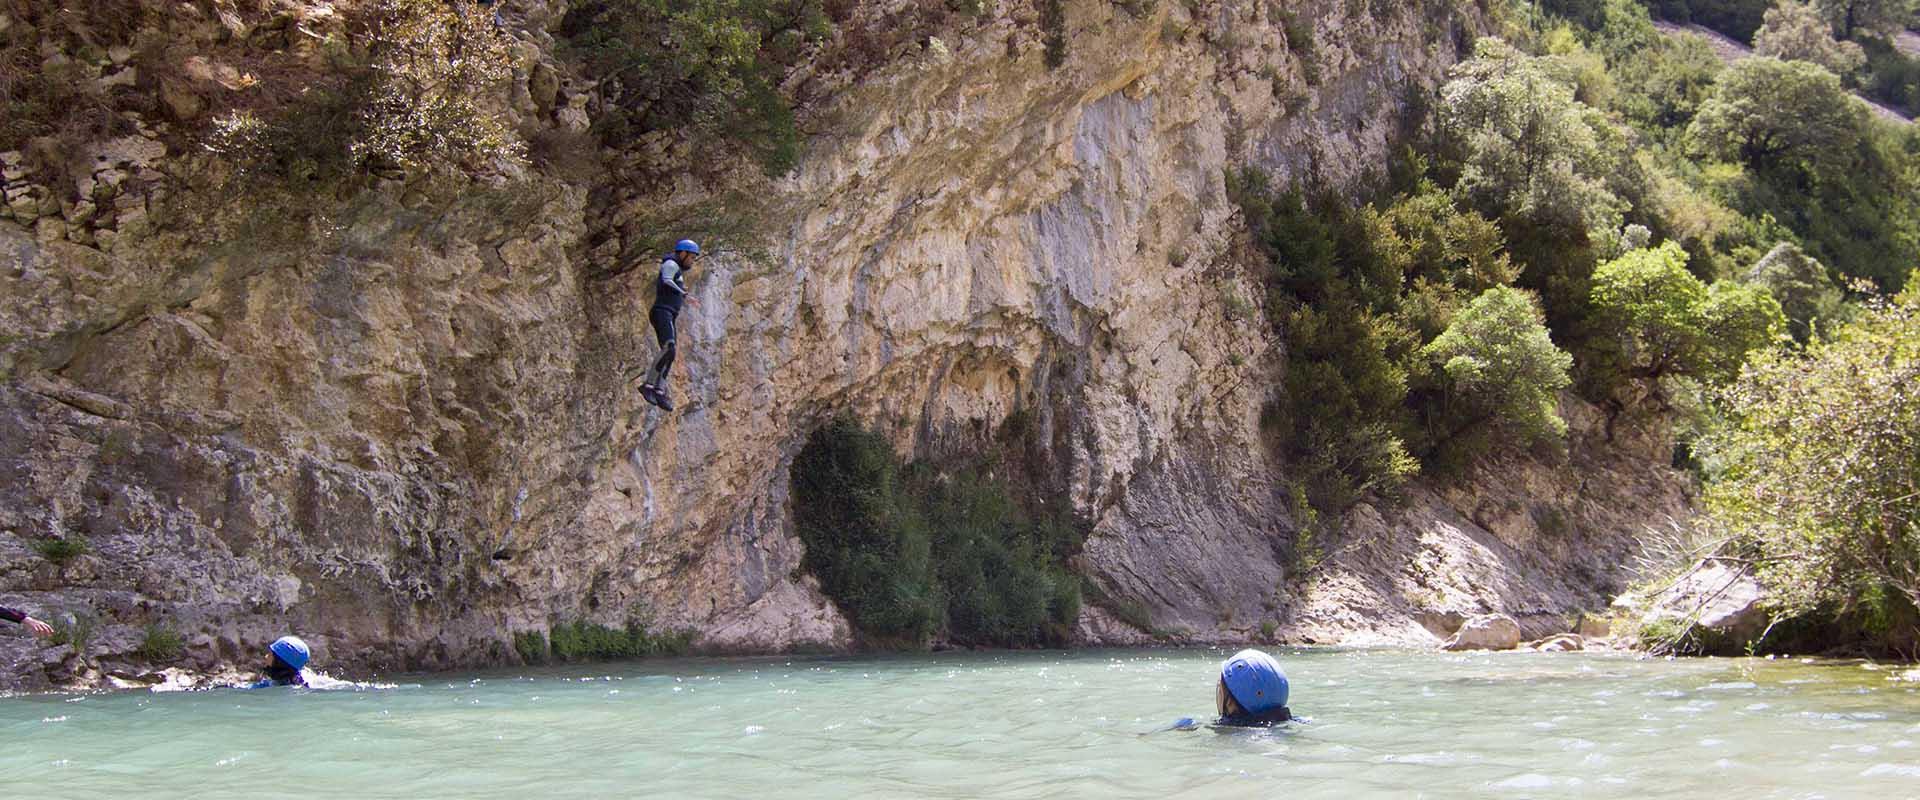 guaranatura deportes de aventura huesca